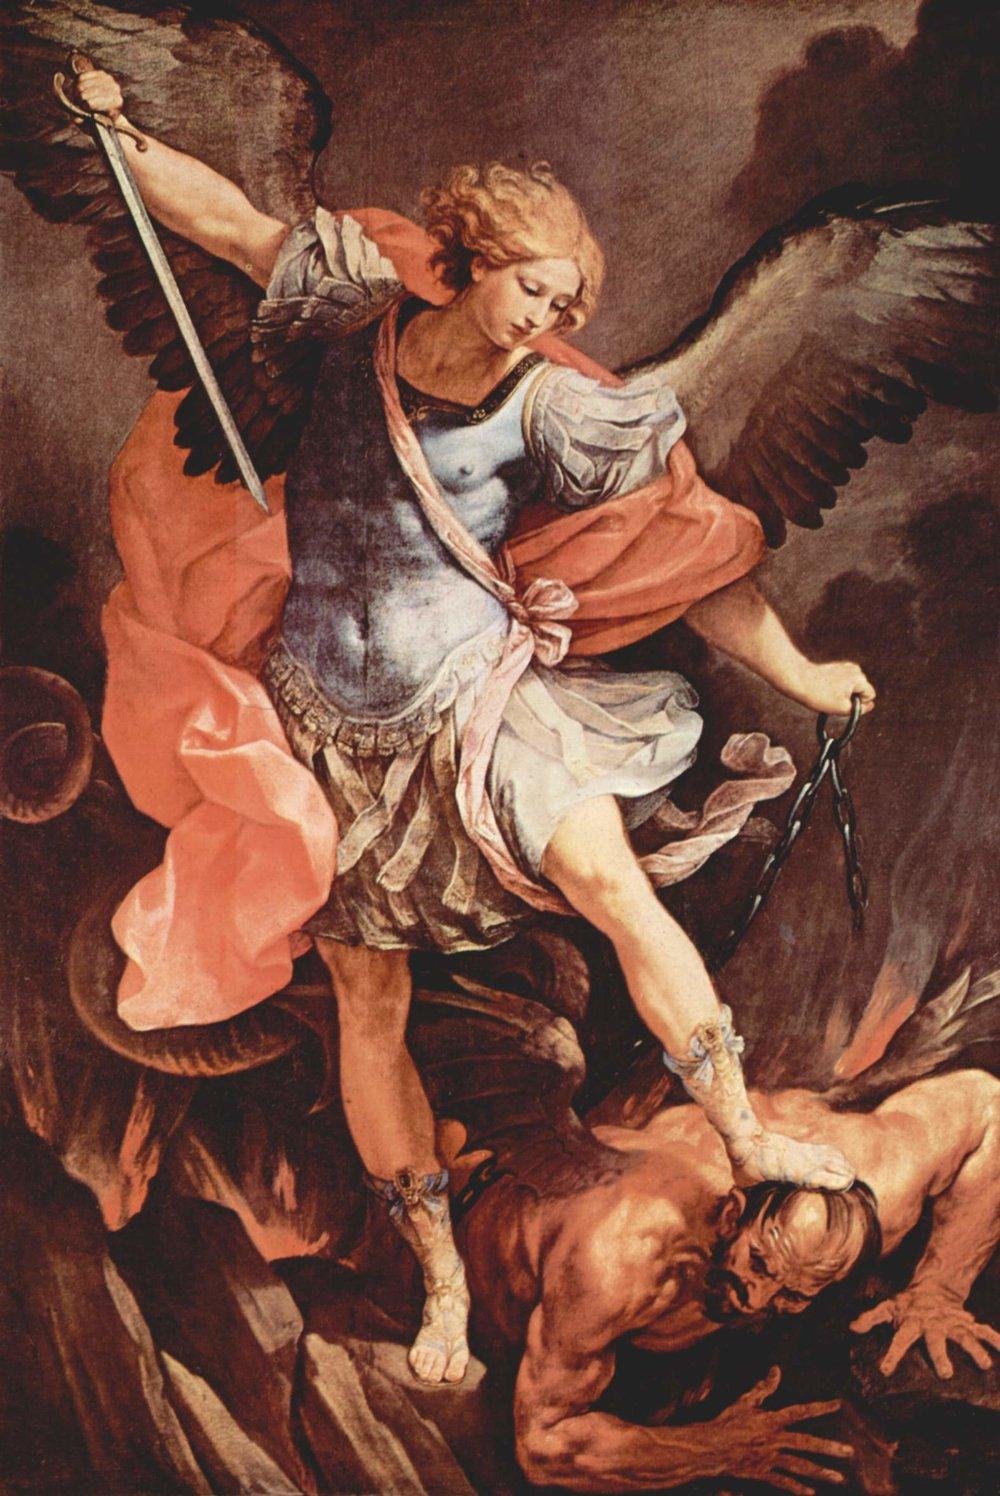 Guido Reni,  The Archangel Michael Defeating Satan , 1635,Santa Maria della Concezione de Cappuccini, Rome